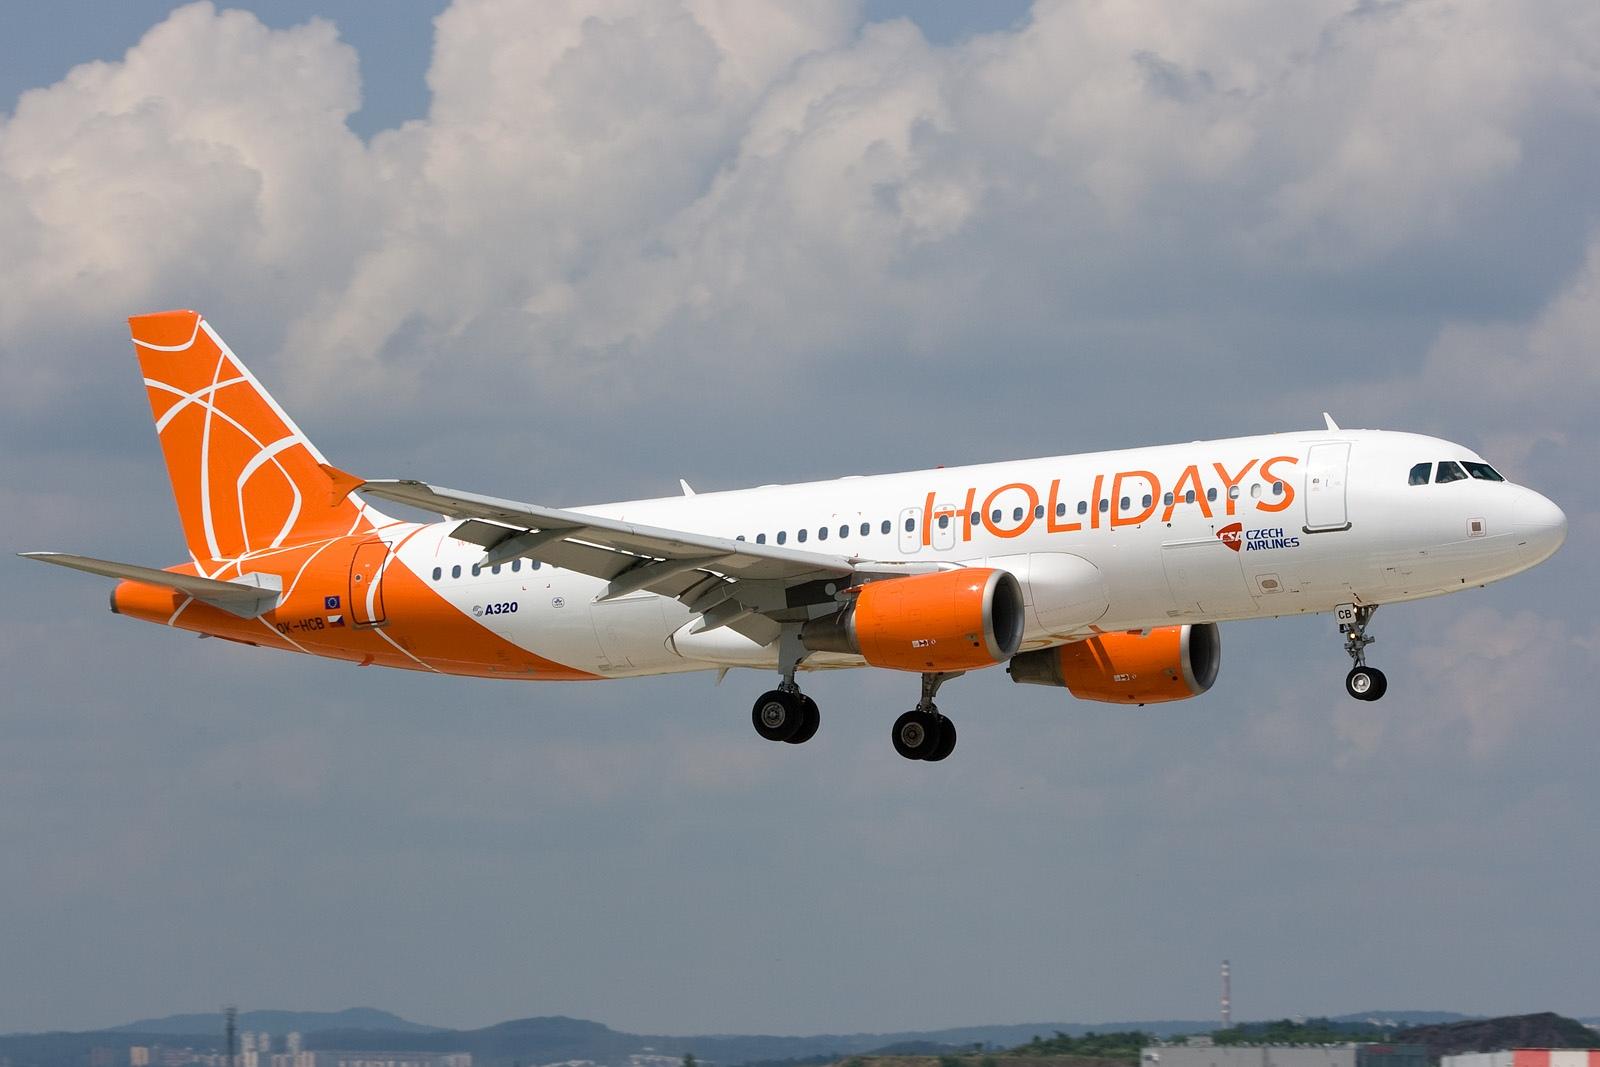 Avion Holideyz Czech Airlines (__gVirt_NP_NNS_NNPS<__ Holidays Czech Airlines). Sayt.2 officiel